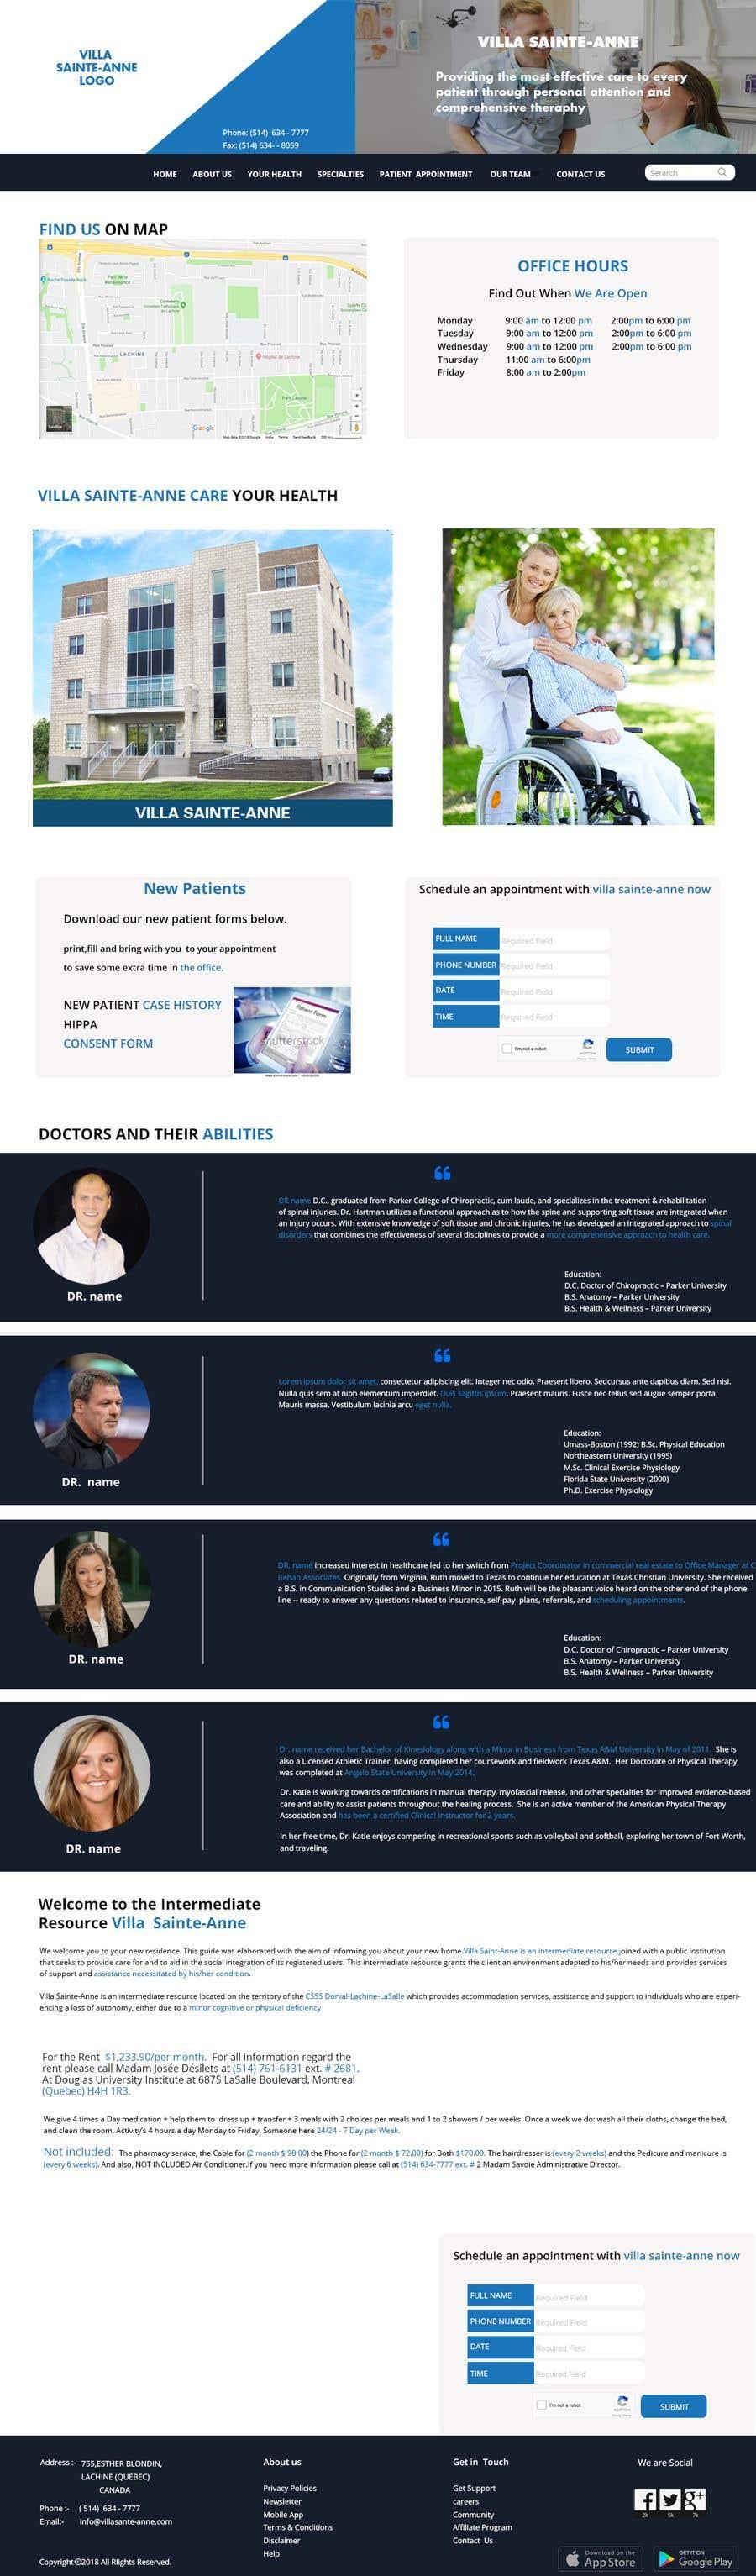 Penyertaan Peraduan #2 untuk Make a website mockup / visual design for our senior care home